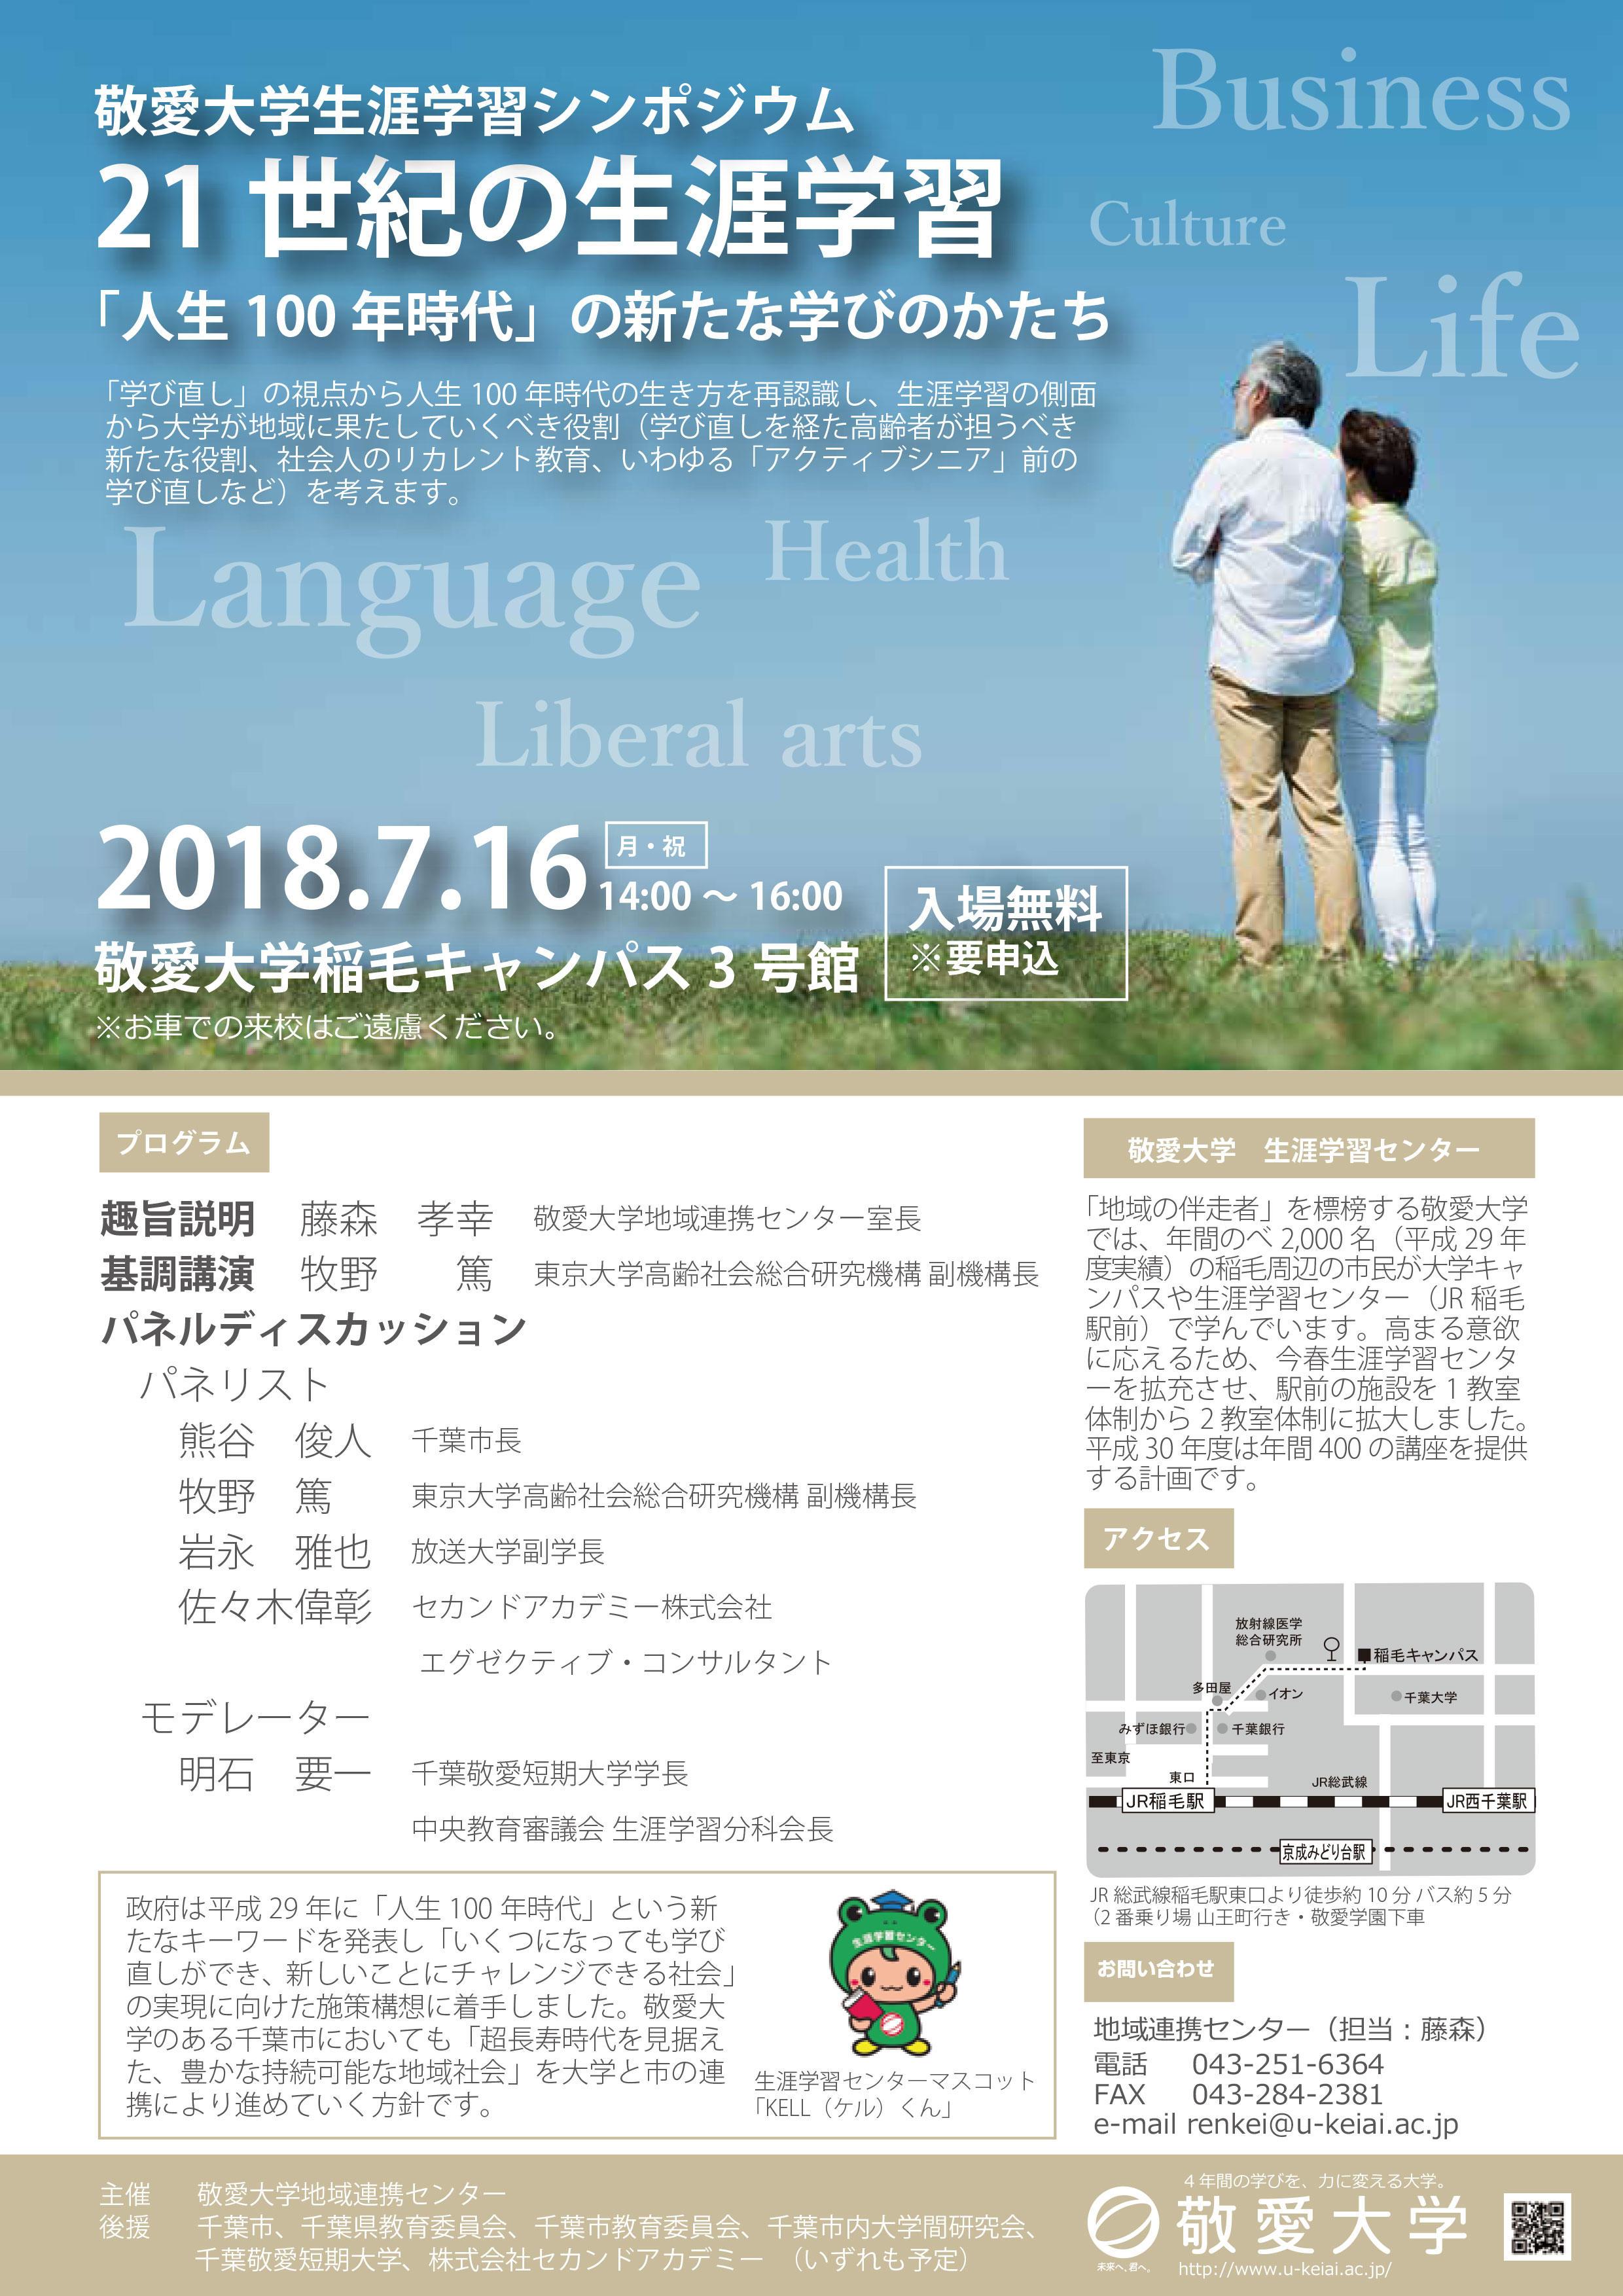 「敬愛大学生涯学習シンポジウム」を7月16日に開催 -- 「21世紀の生涯学習~『人生100年時代』の新たな学びのかたち」をテーマに